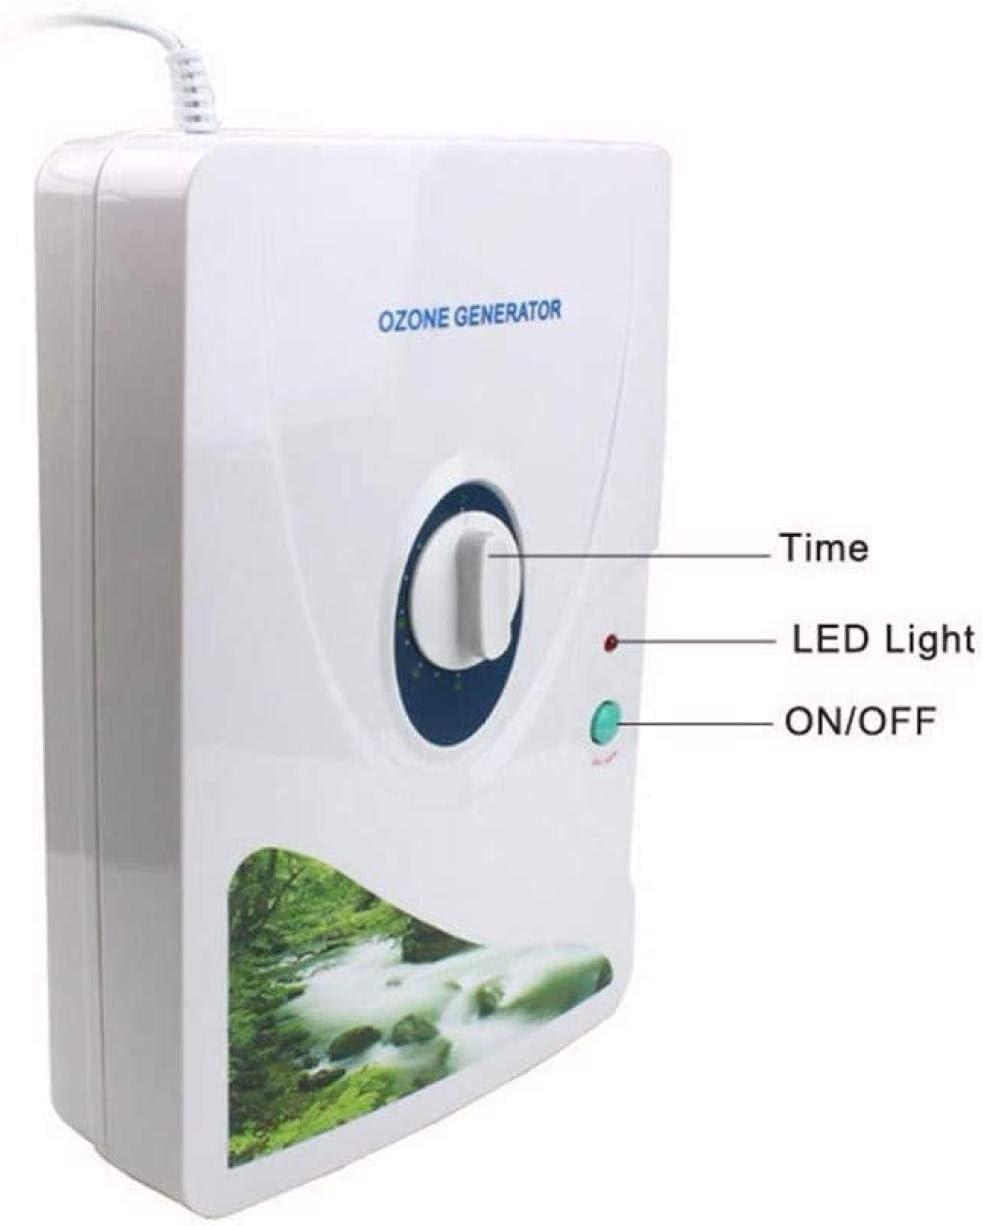 Ozonizador,Generador de ozono dom/éstico para eliminar olores ozonizados Agua Purificadores de aire Ozonizador para frutas y verduras Esterilizador de alimentos Purificador de aire 600mg // h